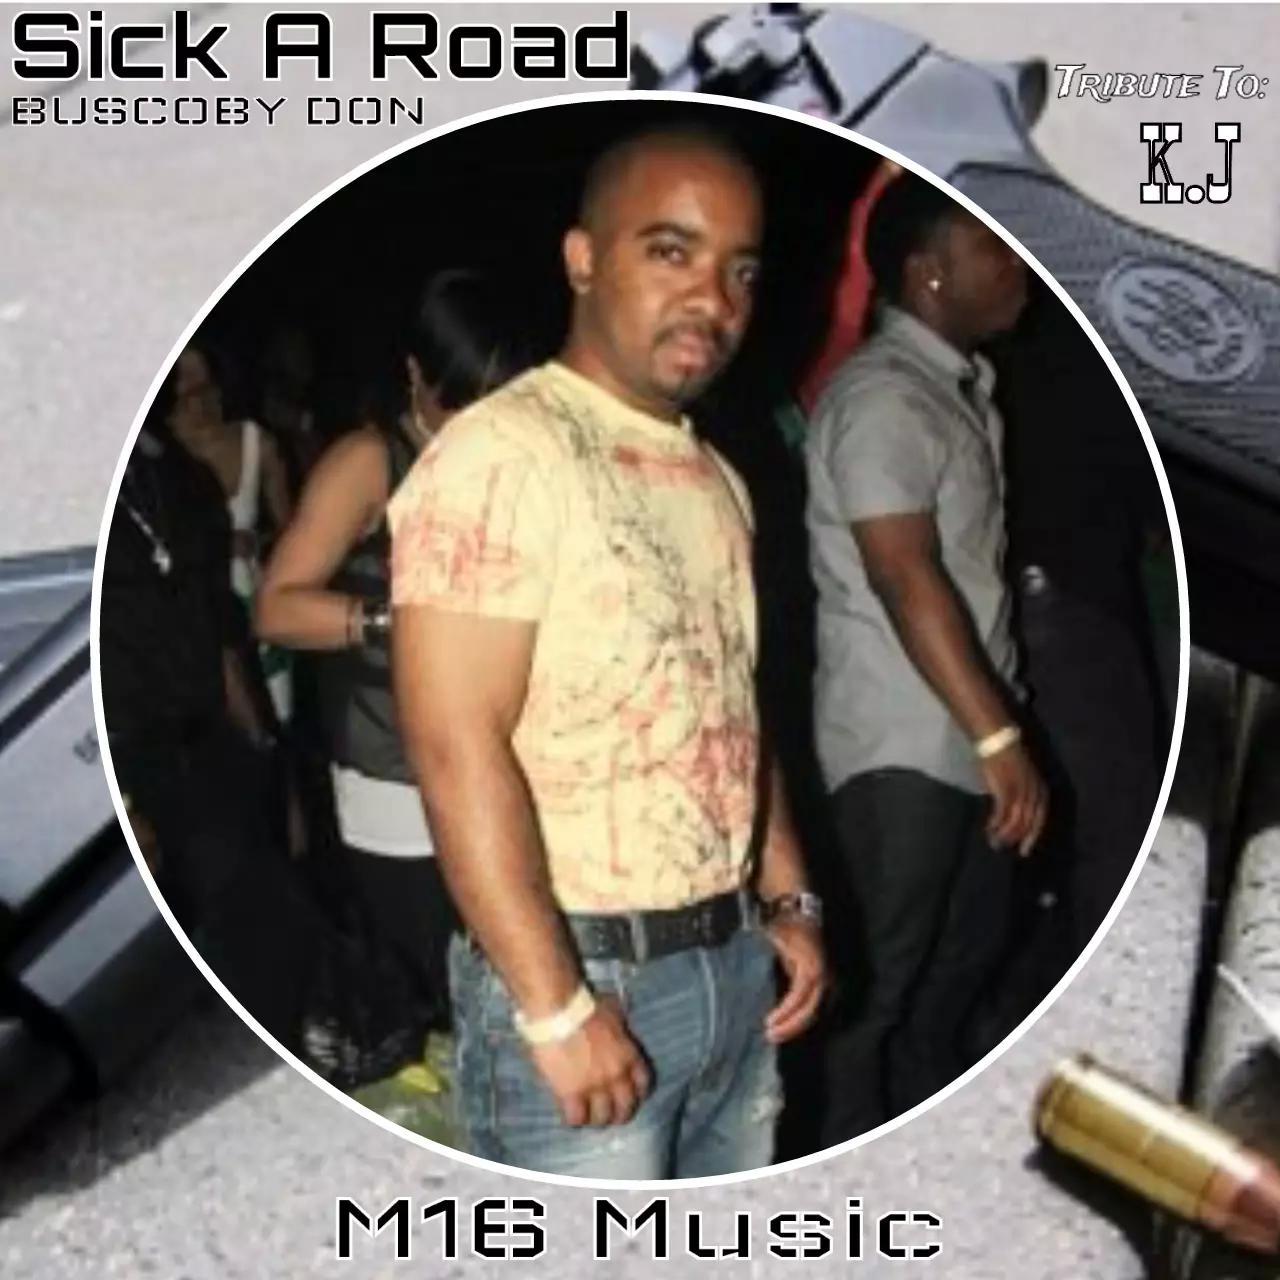 sick_a_road